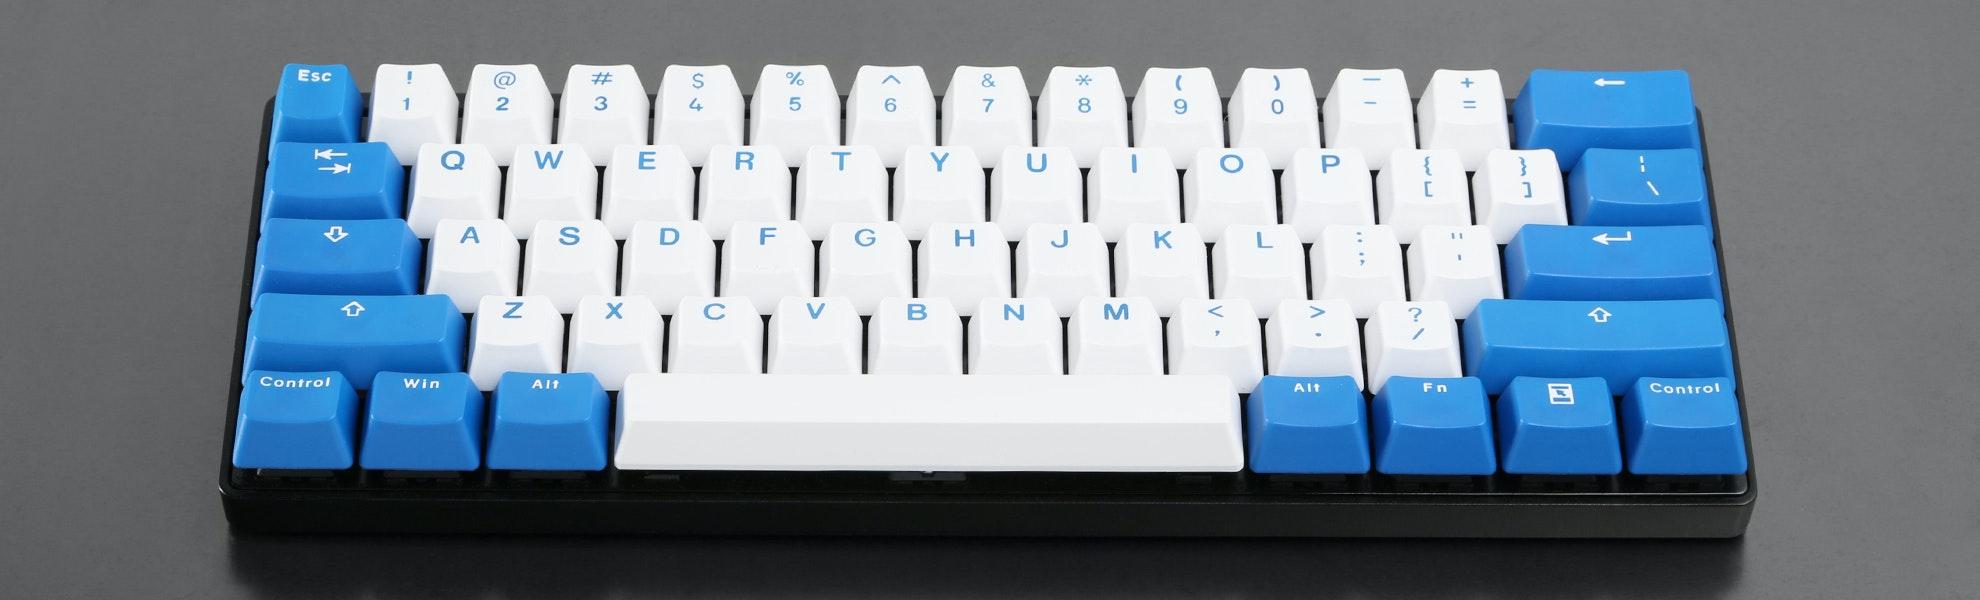 Vortex PBT Doubleshot Keycap Set